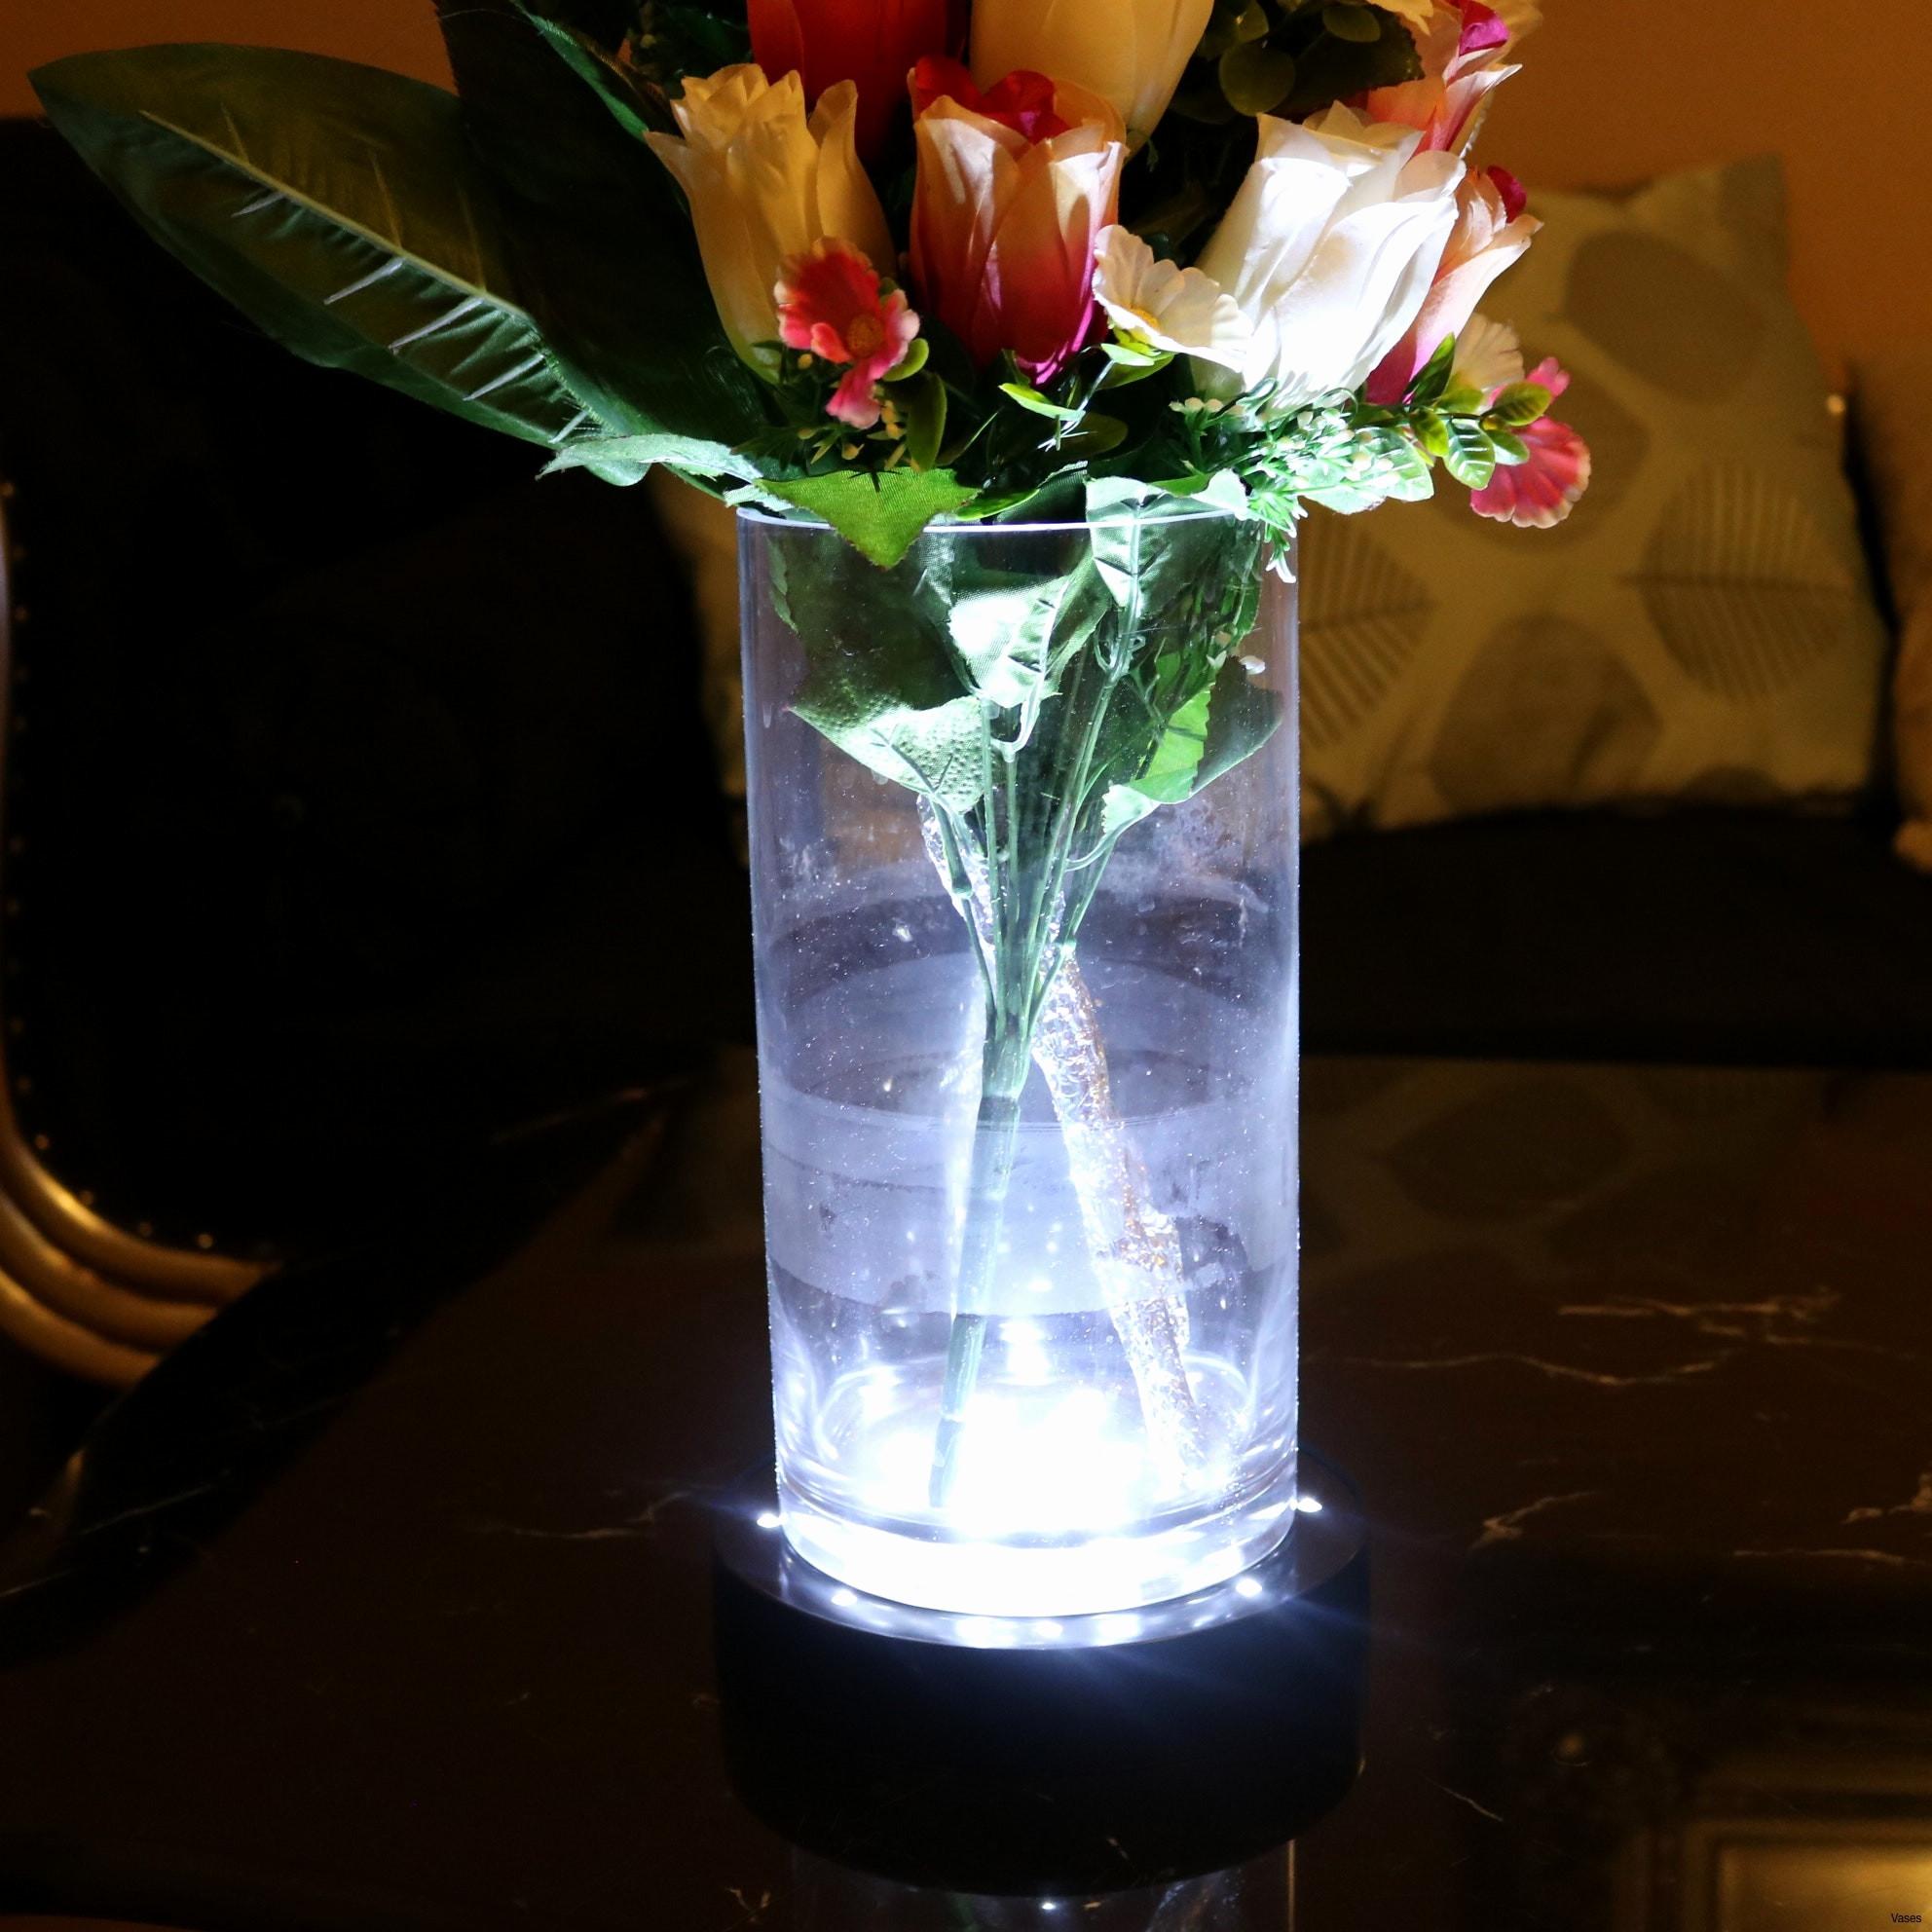 ceramic flower vase of how to make flower vase with plastic bottle luxury vases disposable for how to make flower vase with plastic bottle luxury vases disposable plastic single cheap flower rose